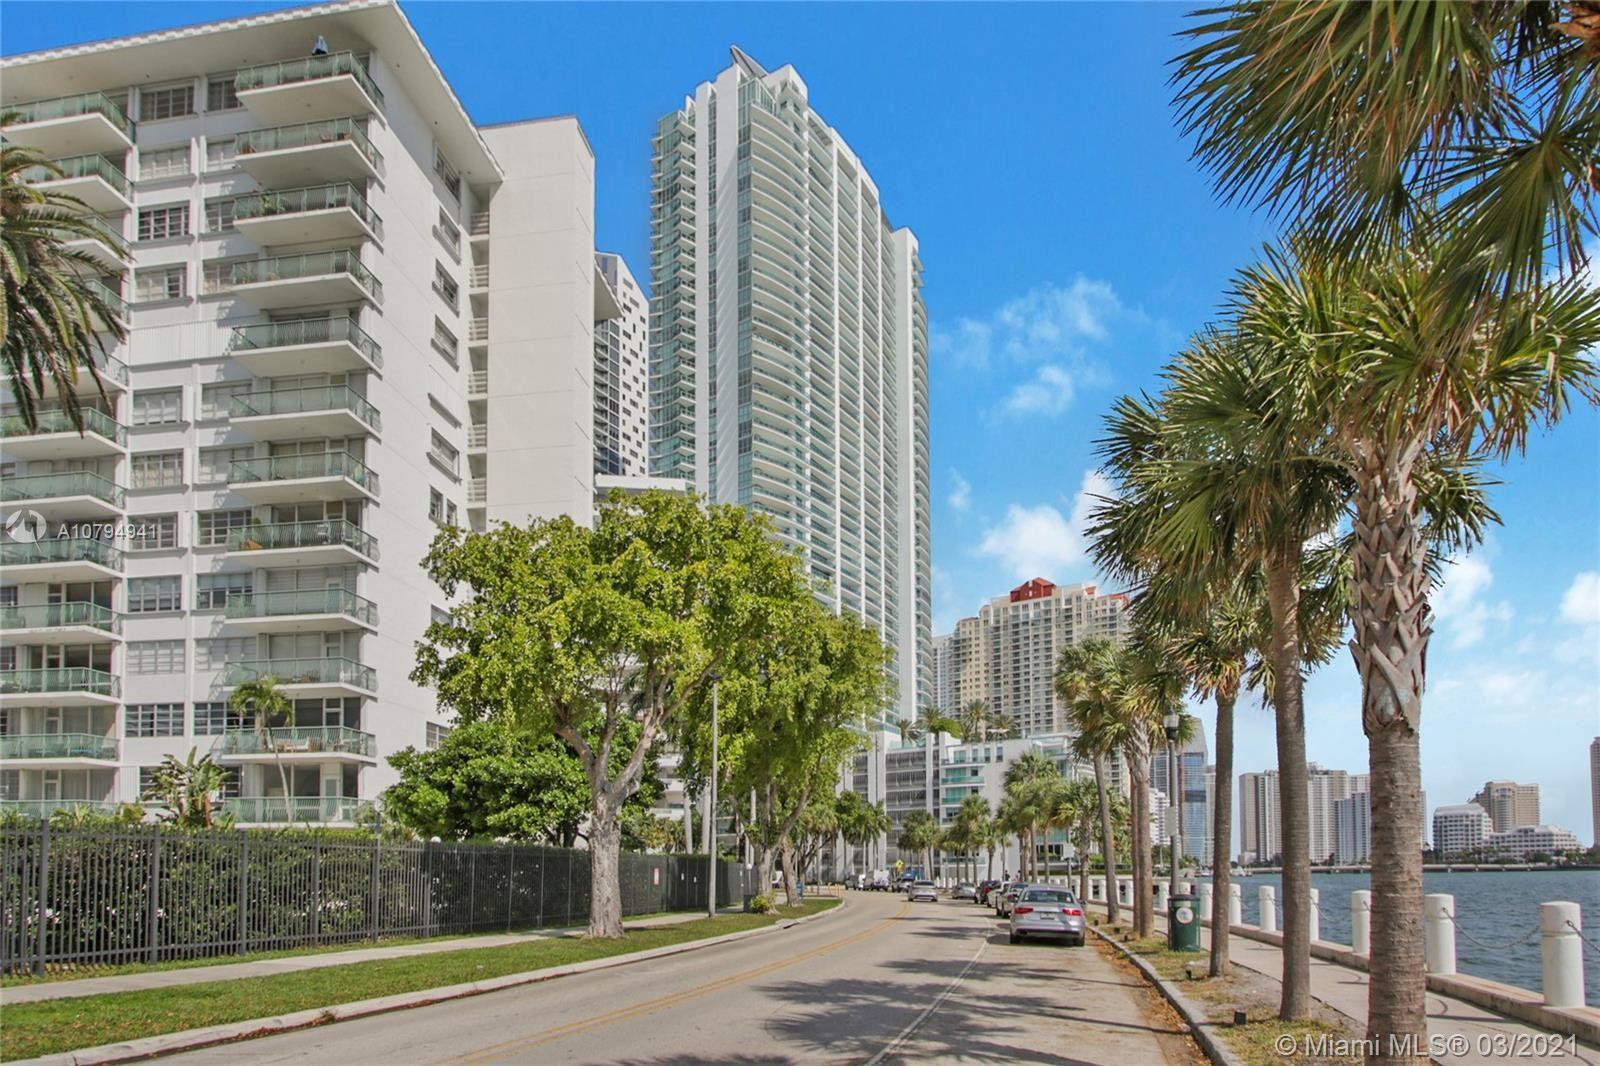 1408 Brickell Bay Dr #217, Miami, FL 33131 - #: A10794941